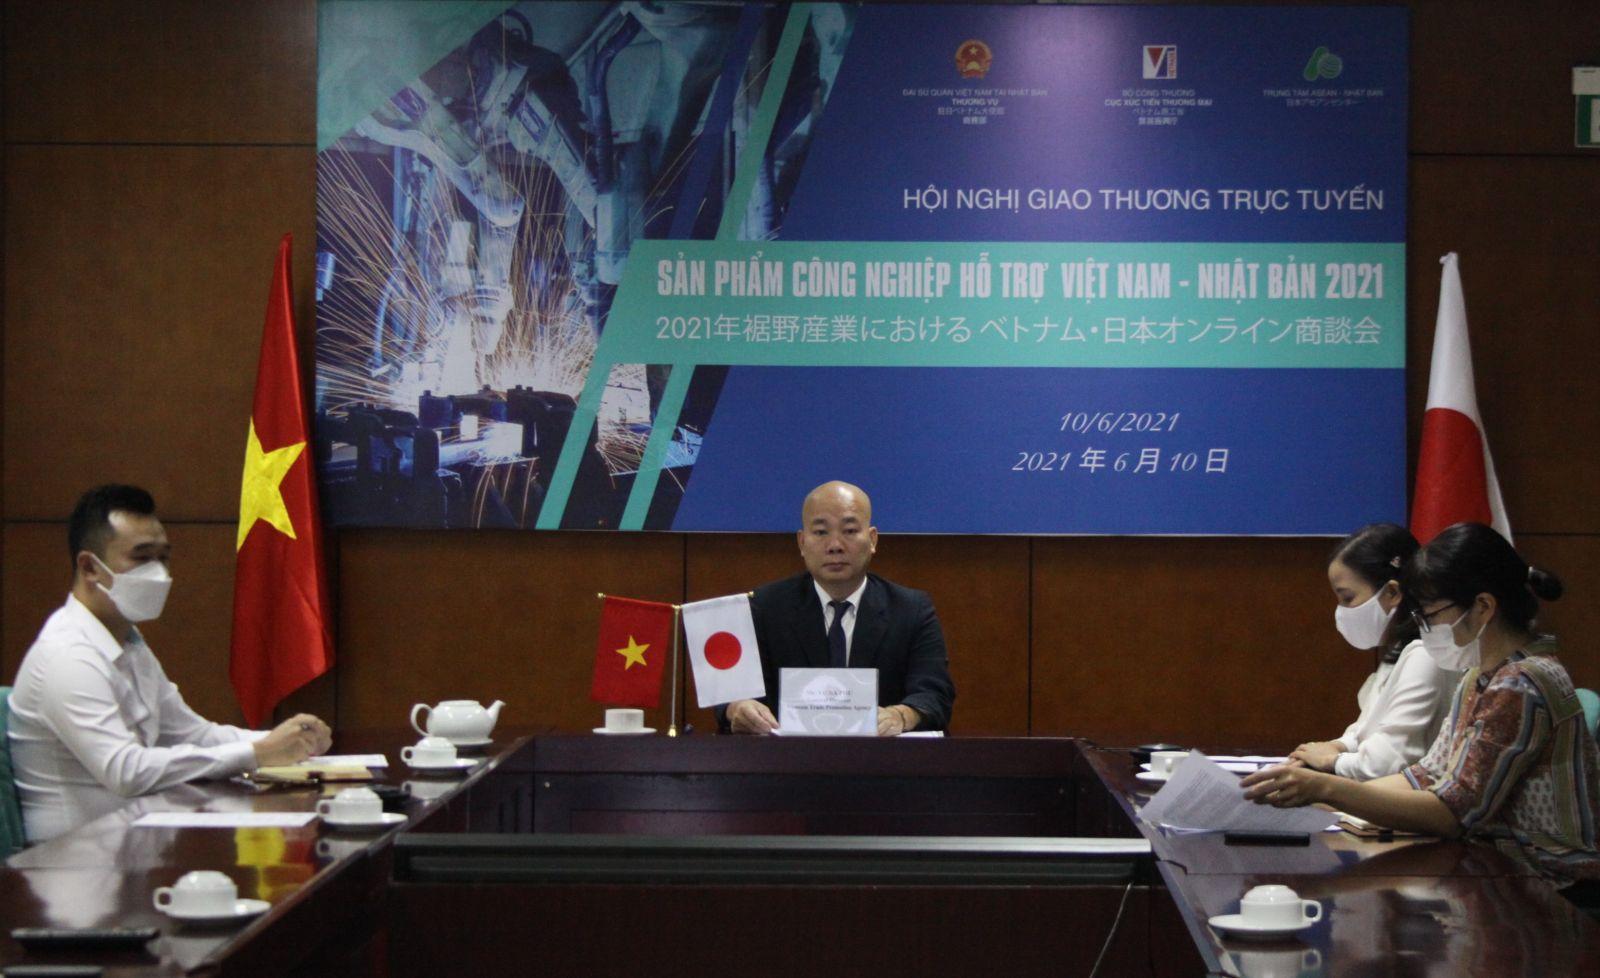 Ông Vũ Bá Phú – Cục trưởng Cục Xúc tiến thương mại chủ trì hội nghị